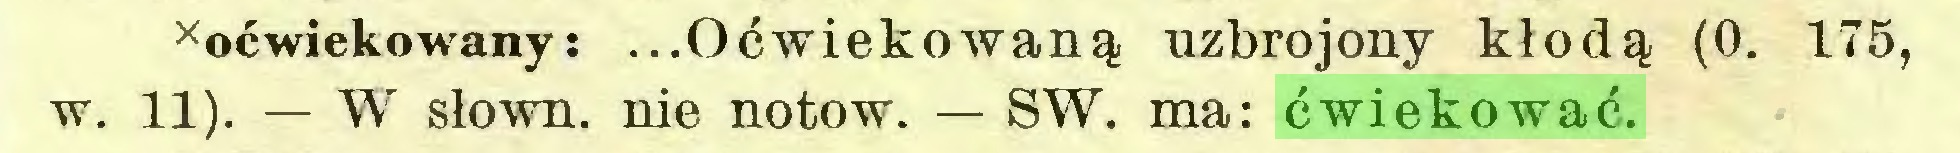 (...) xoćwiekowany : ...Oćwiekowaną uzbrojony kłodą (0. 175, w. 11). — W słown. nie notow. — SW. ma: ćwiekować...